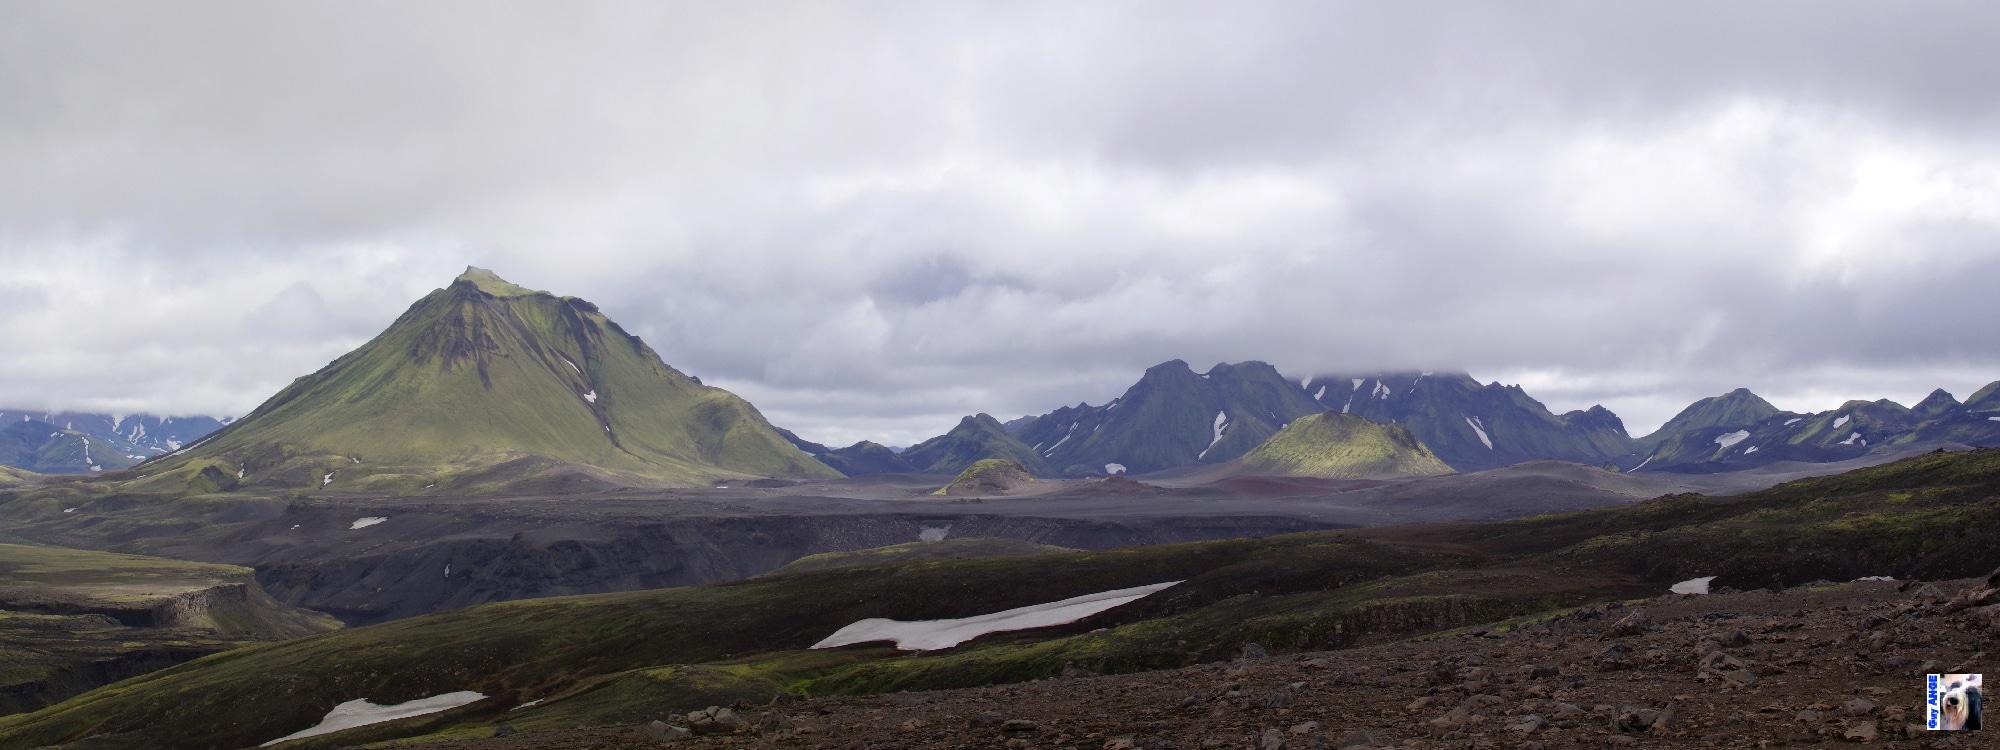 Contournement du Mýrdalsjökull par le nord. Glacier et montagnes moussues.